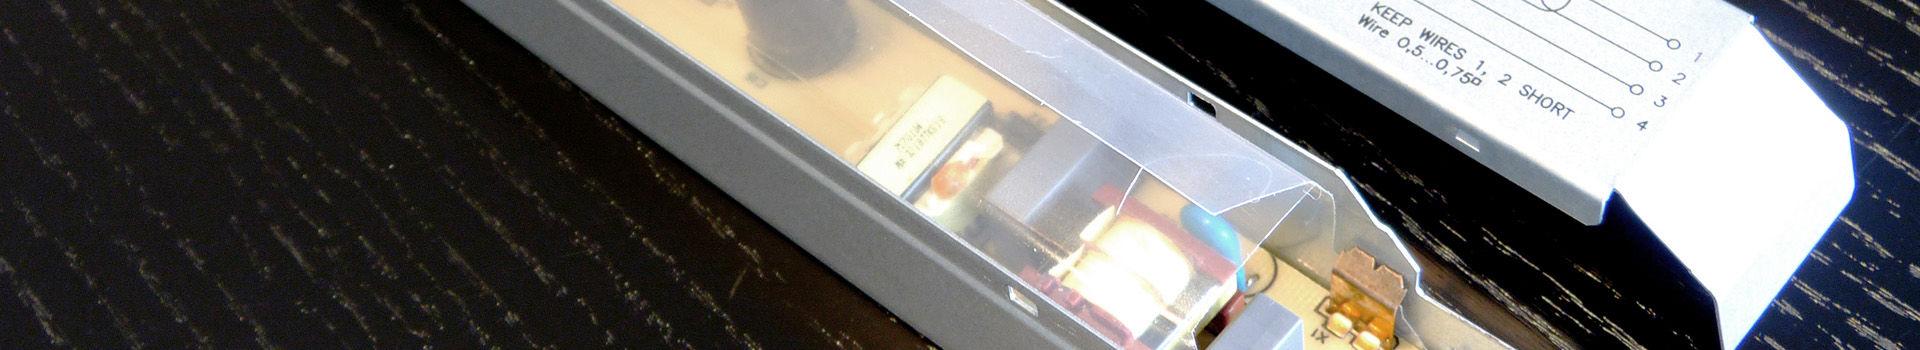 Bleher Folientechnik Elektroisolierfolien